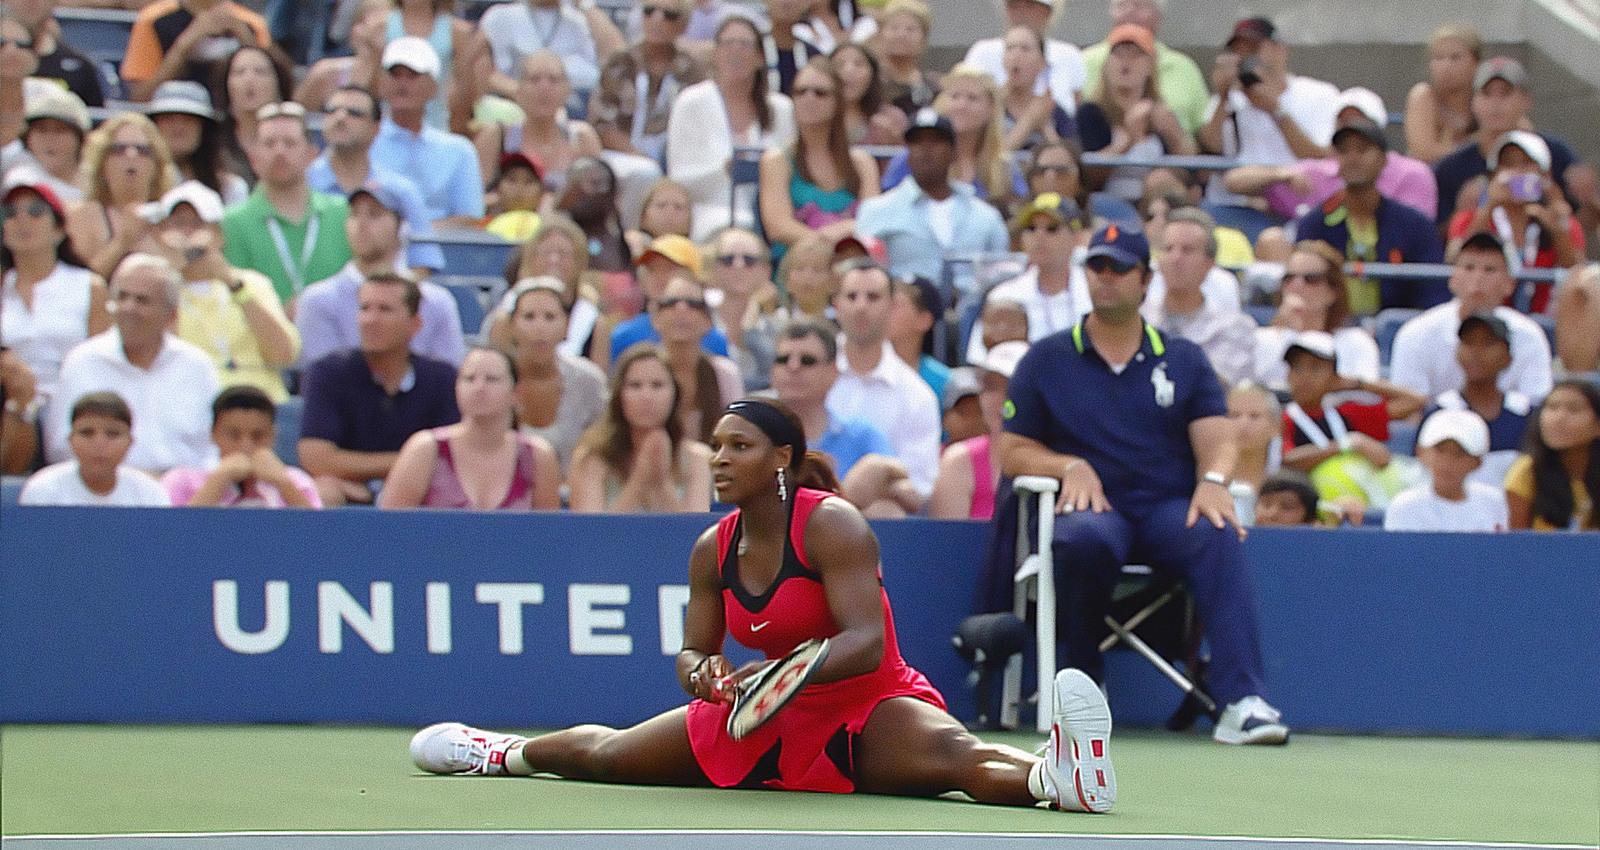 Serena: Voice of Belief